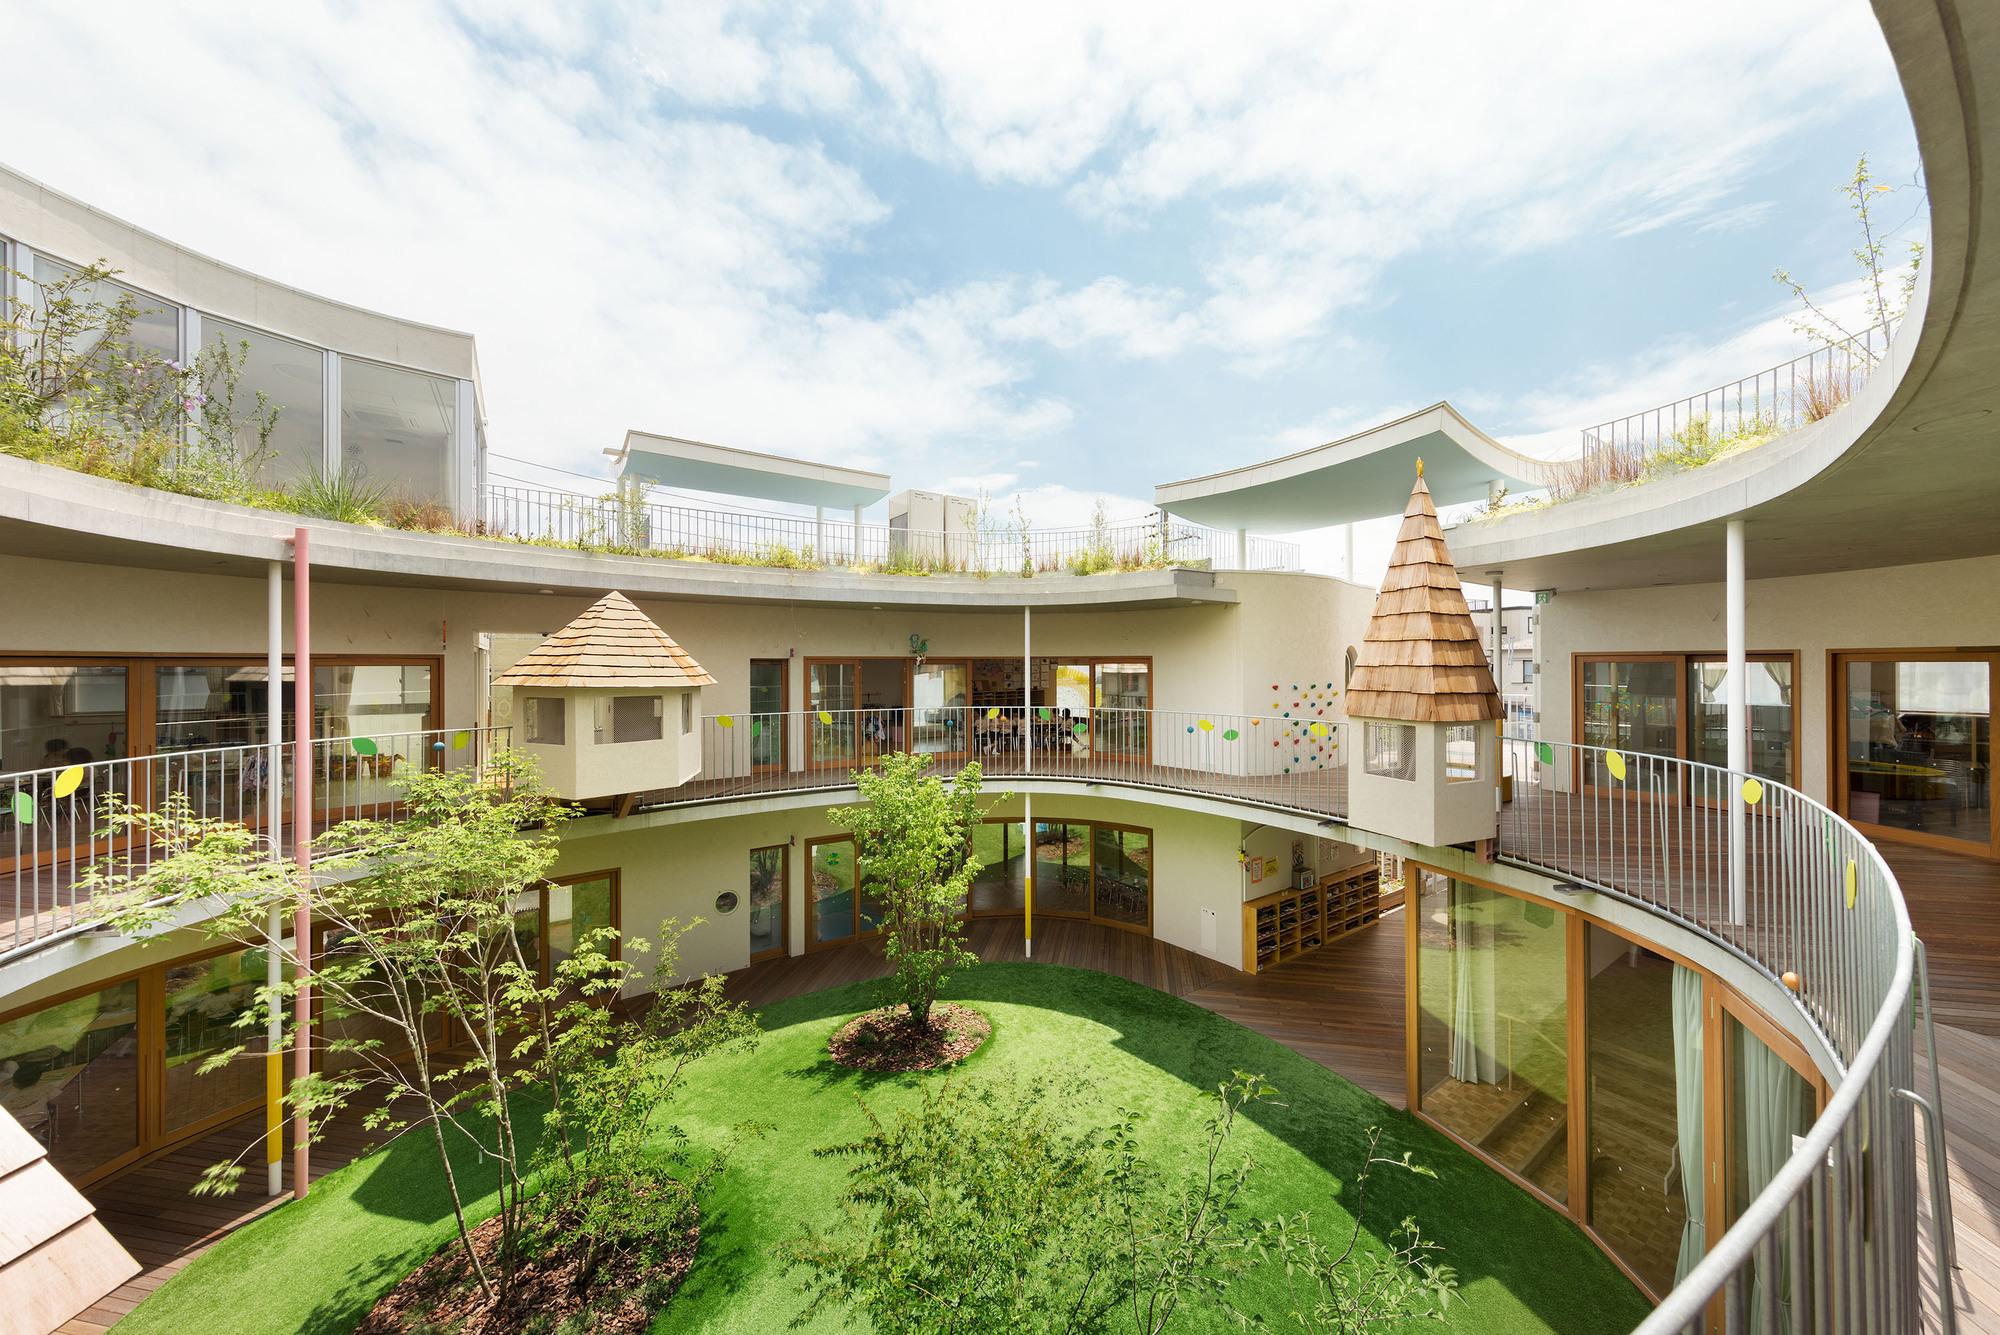 Tomonoki-Himawari Kindergarten / MAMM DESIGN   ArchDaily